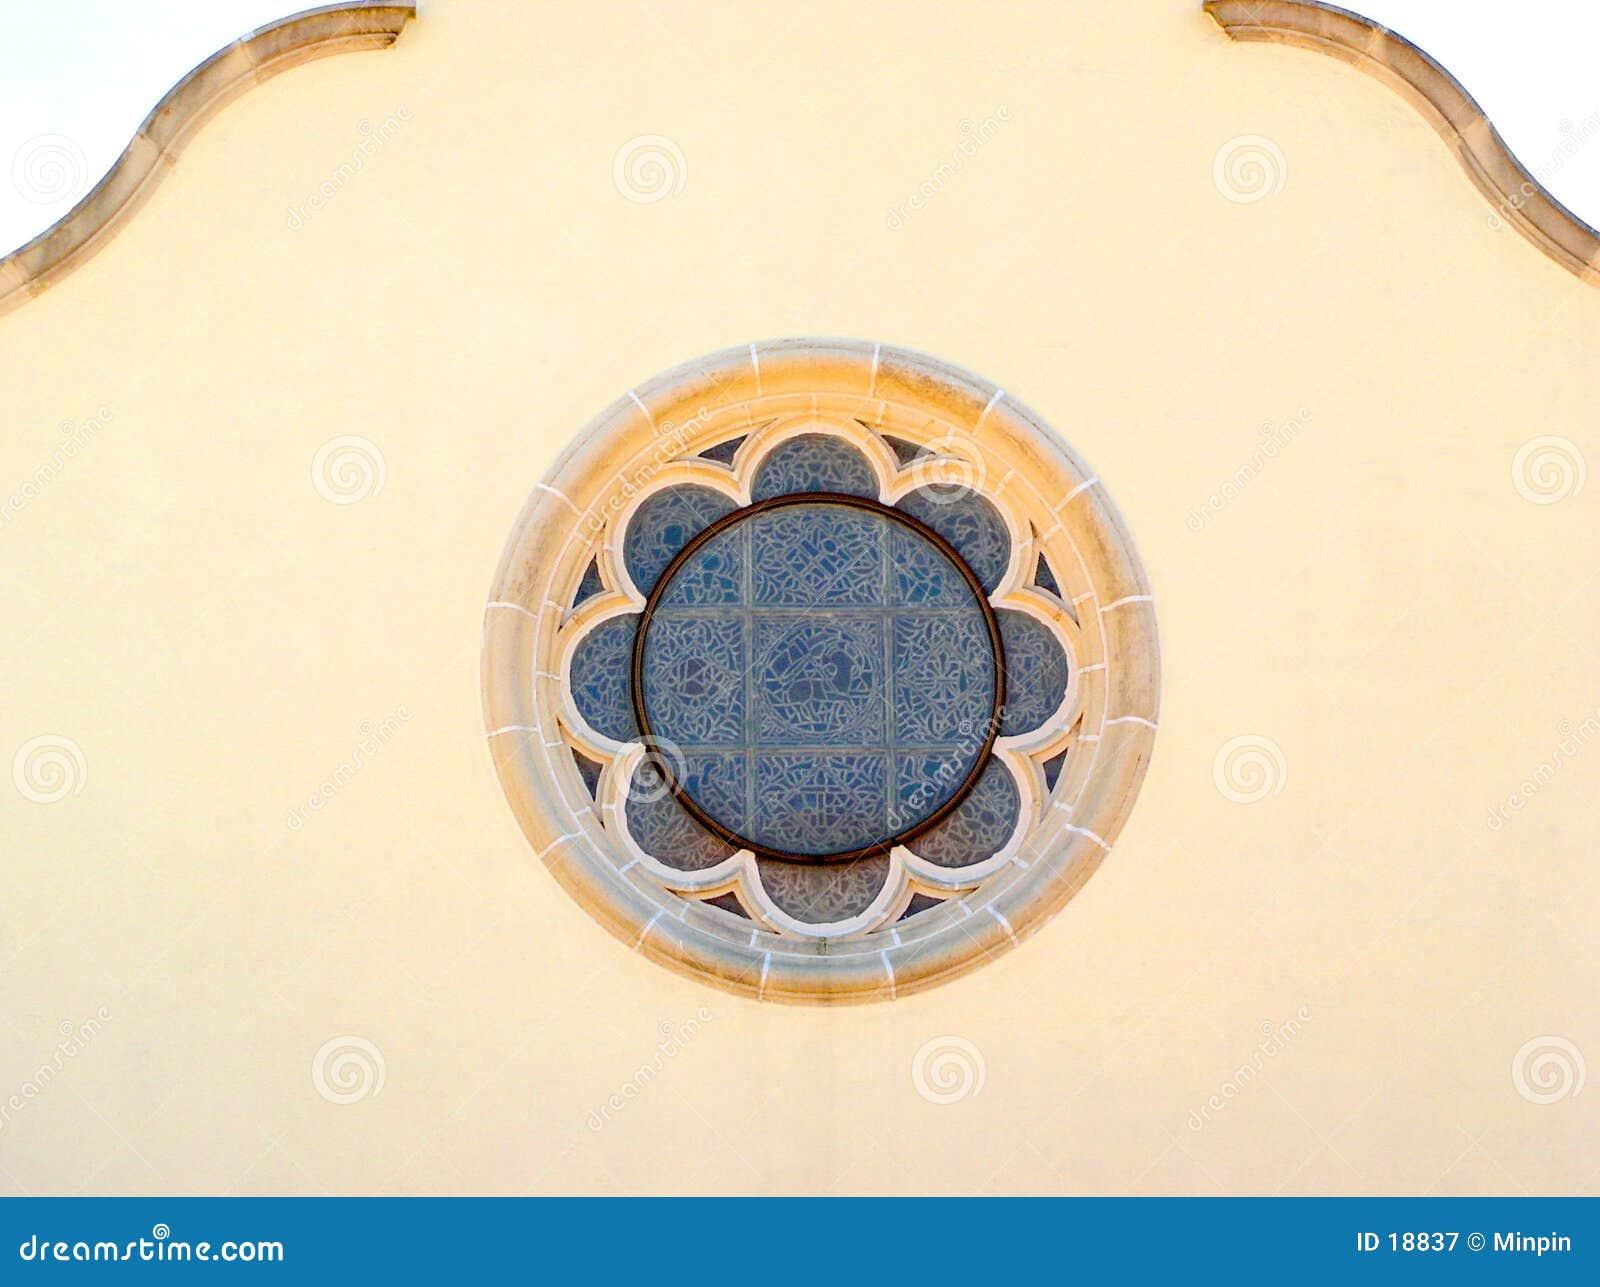 Buntglasrundschreibenfenster